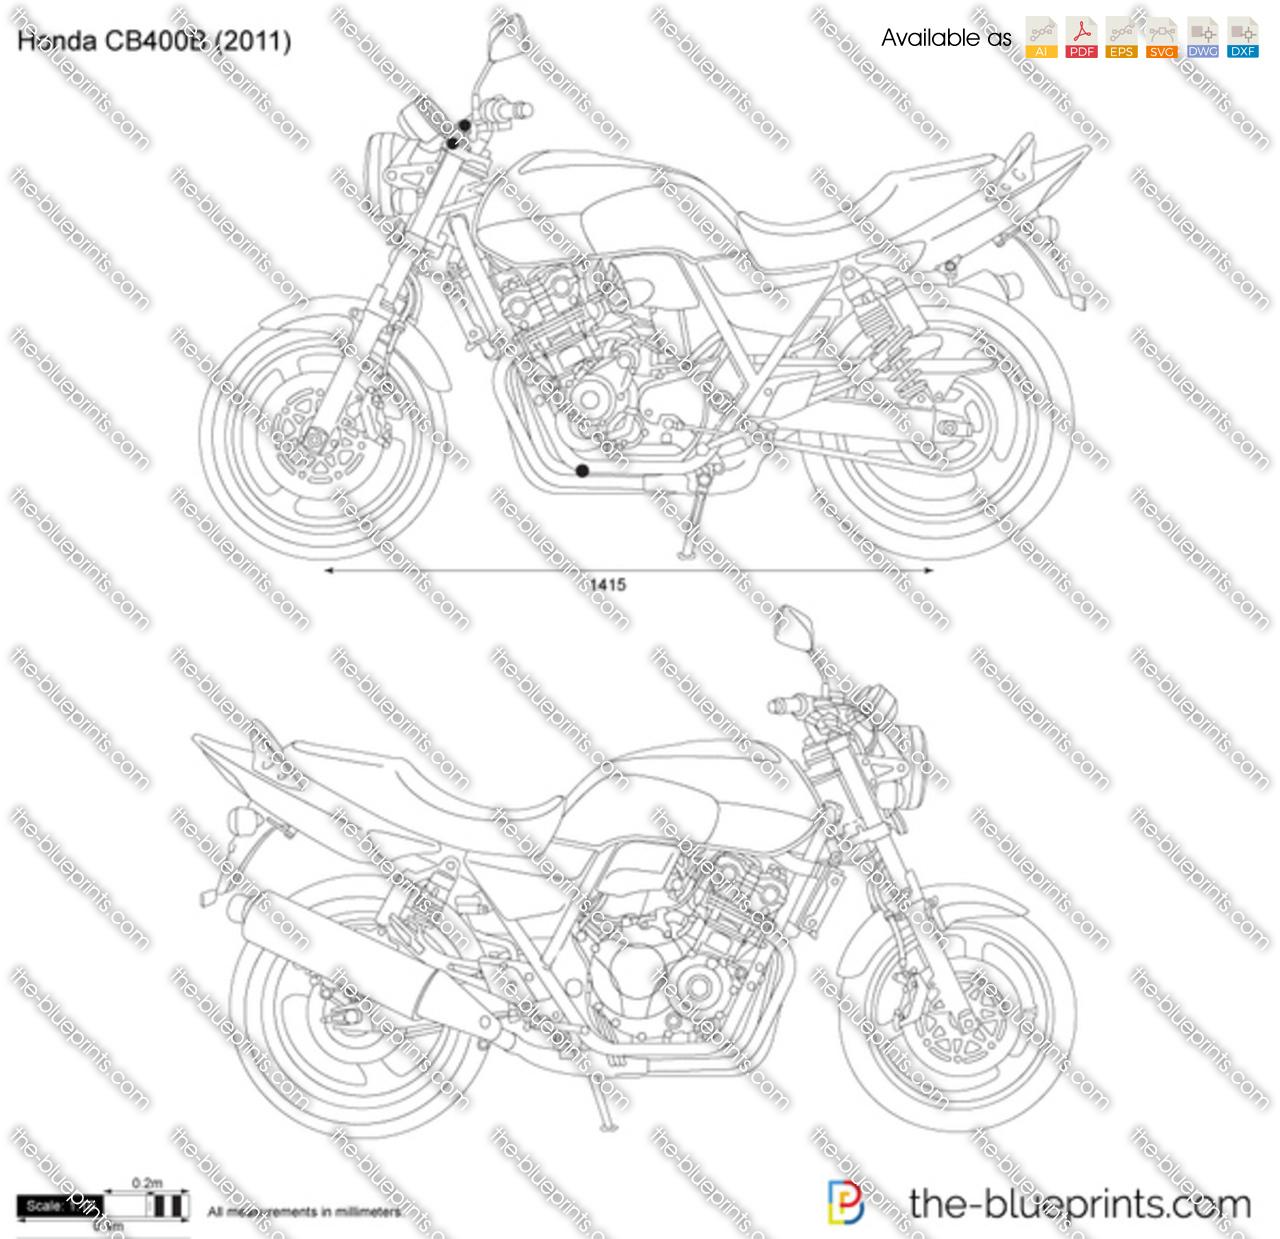 Honda Cb400b Vector Drawing